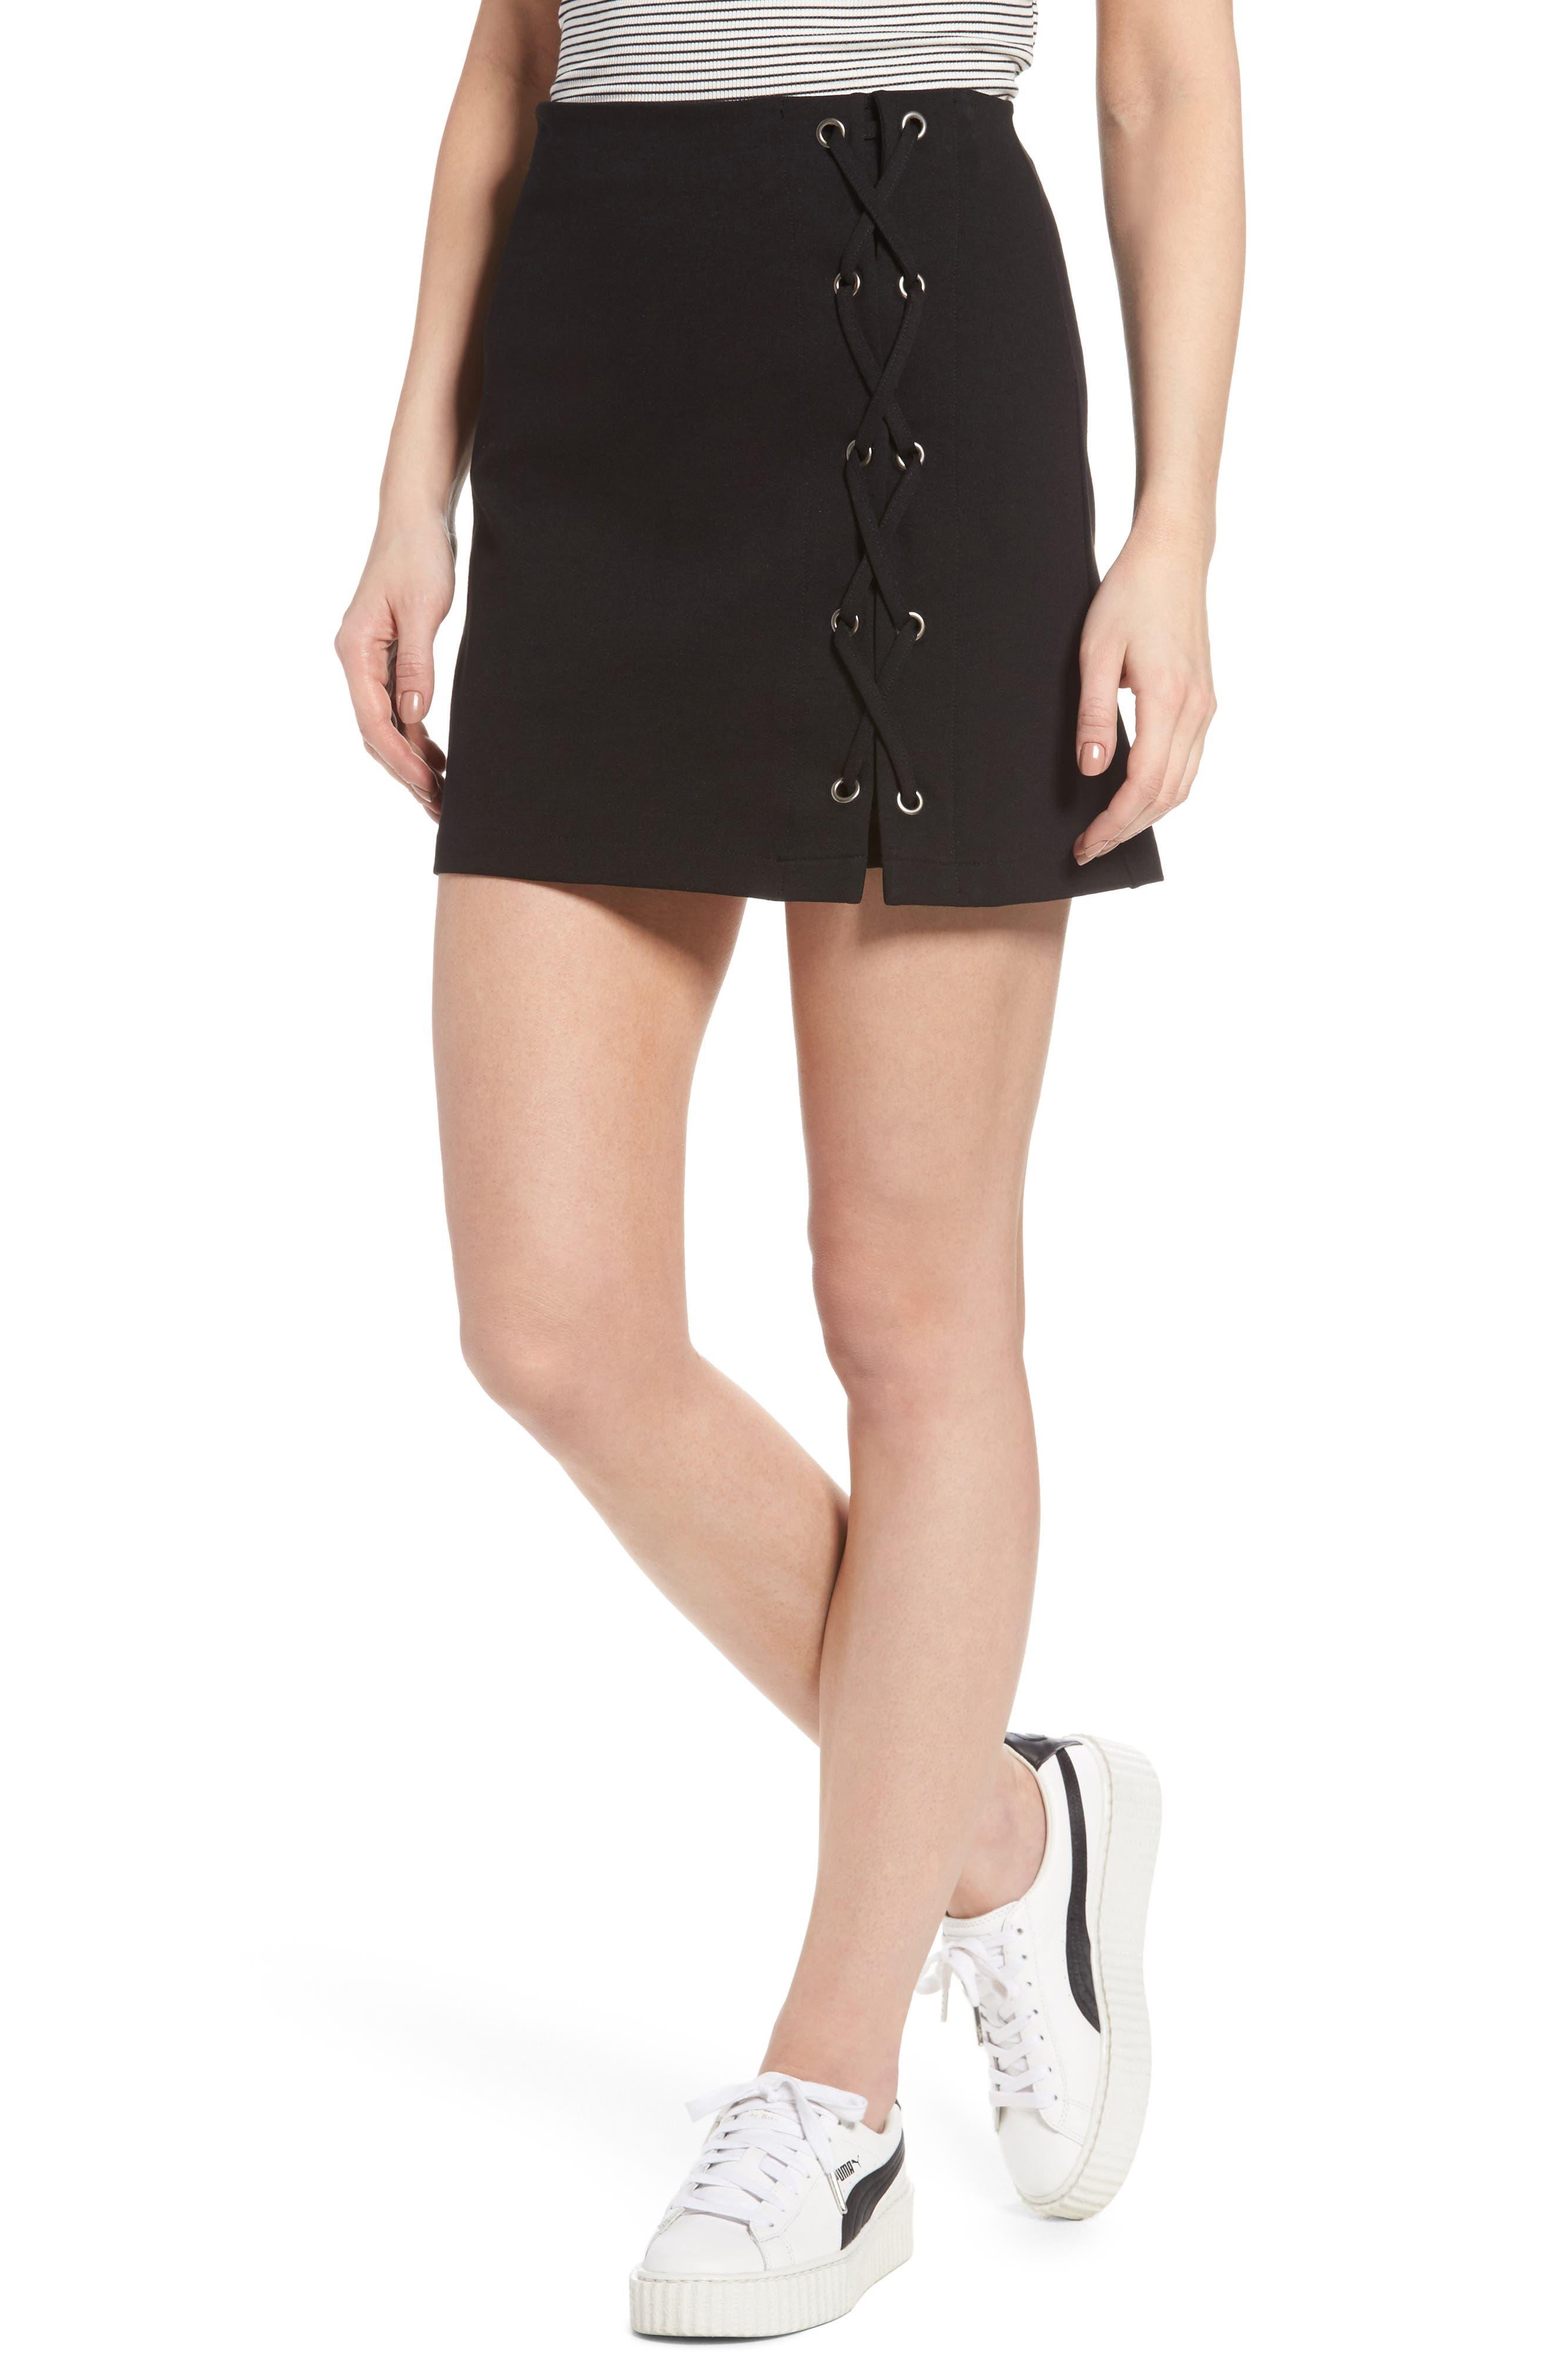 Grommet Lace-Up Miniskirt